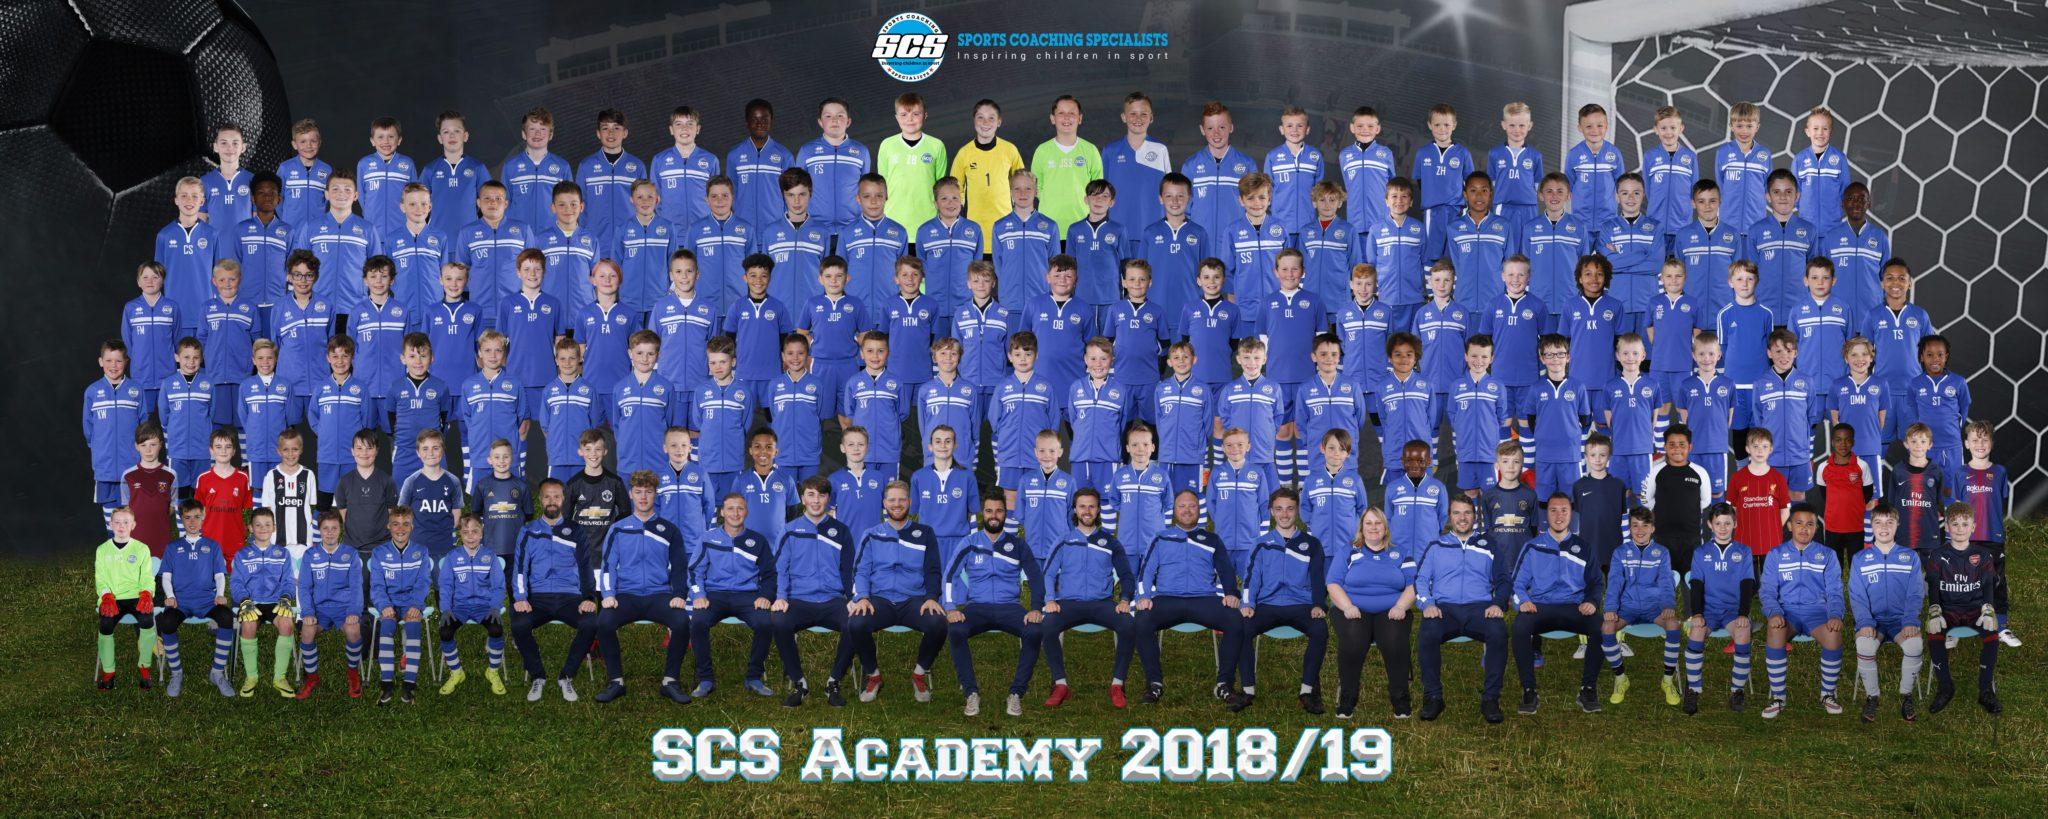 SCS Academy 2018/19